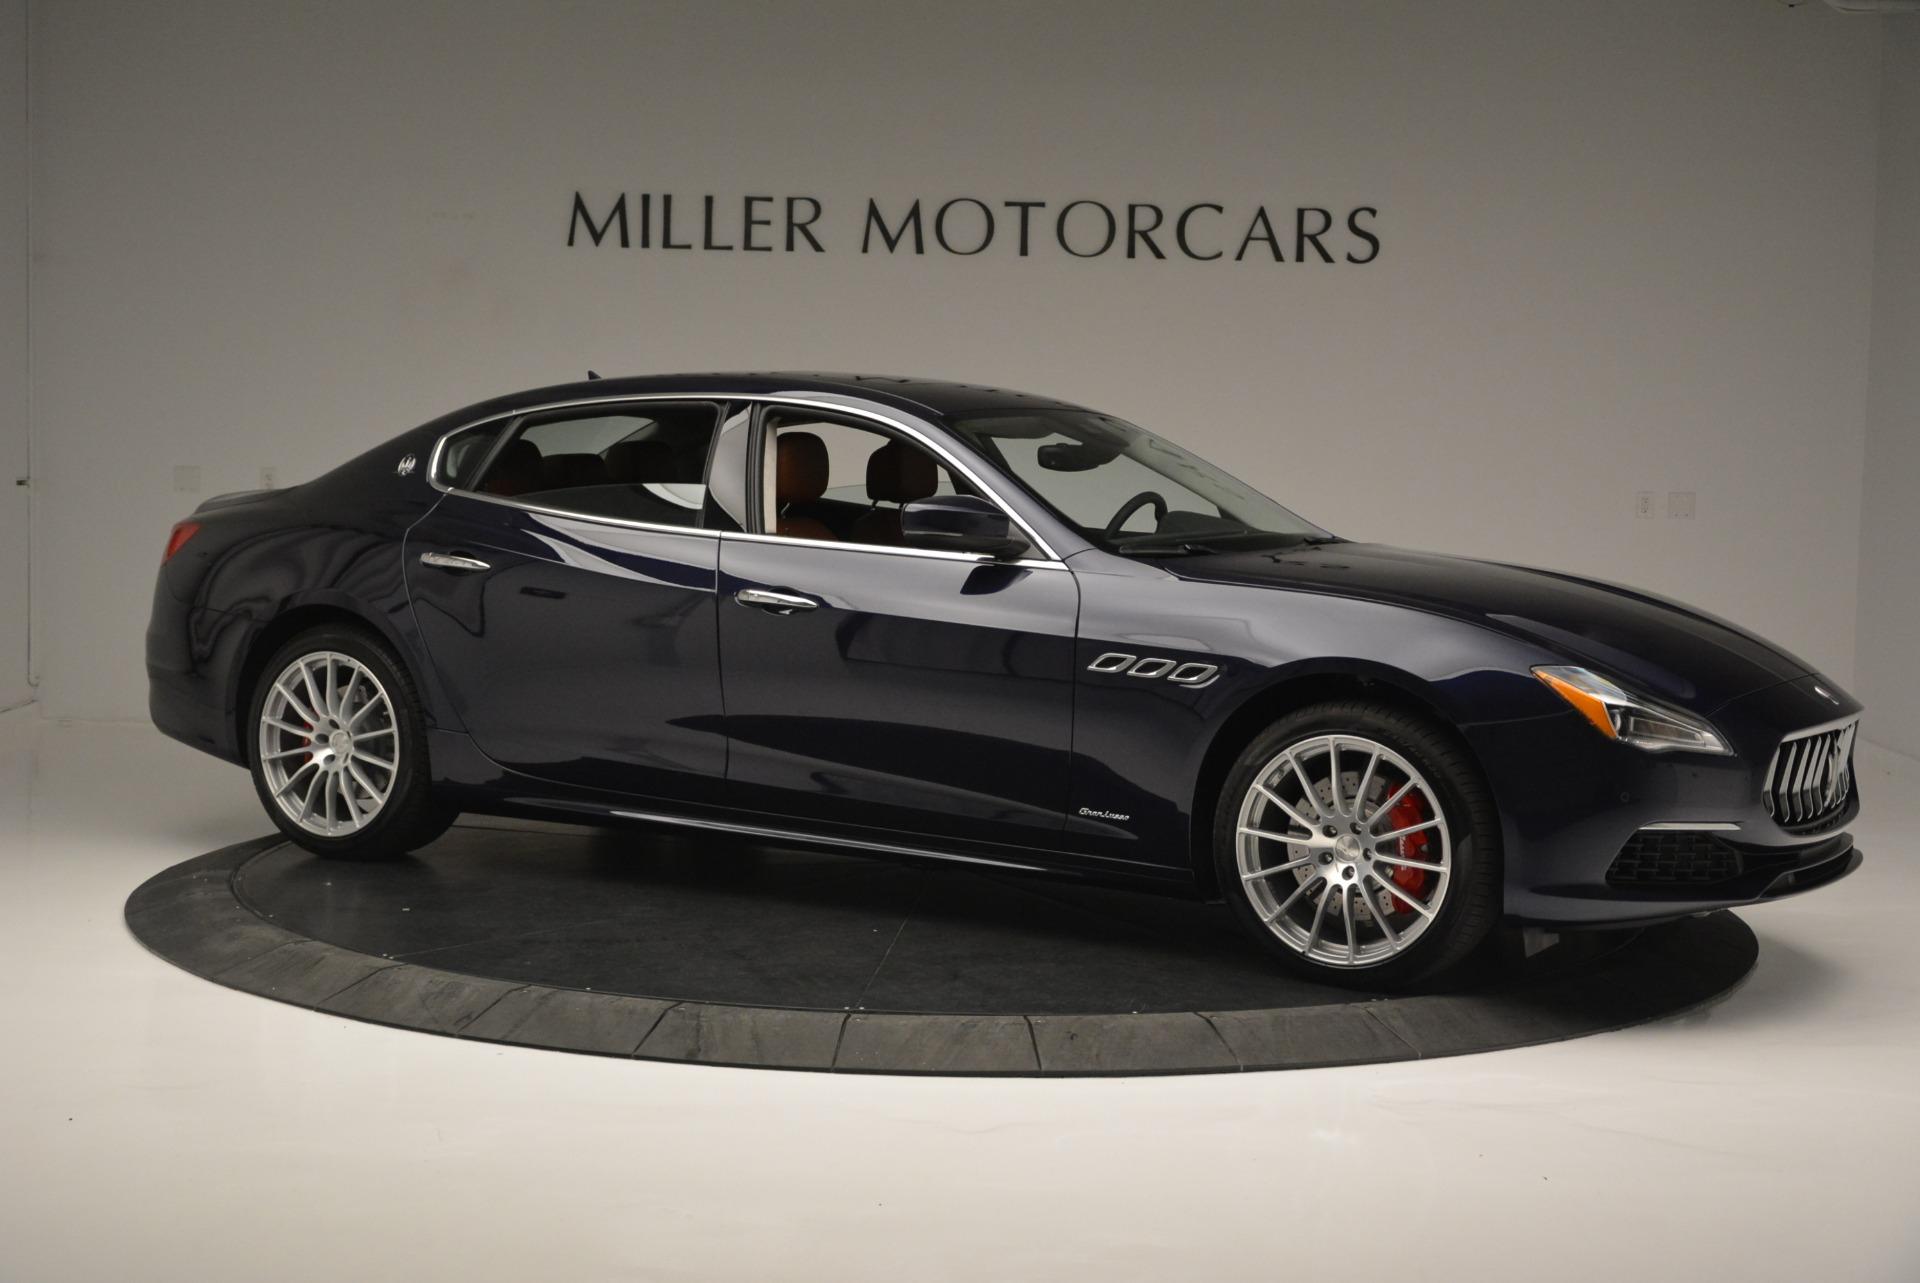 New 2018 Maserati Quattroporte S Q4 GranLusso For Sale In Greenwich, CT 1859_p11